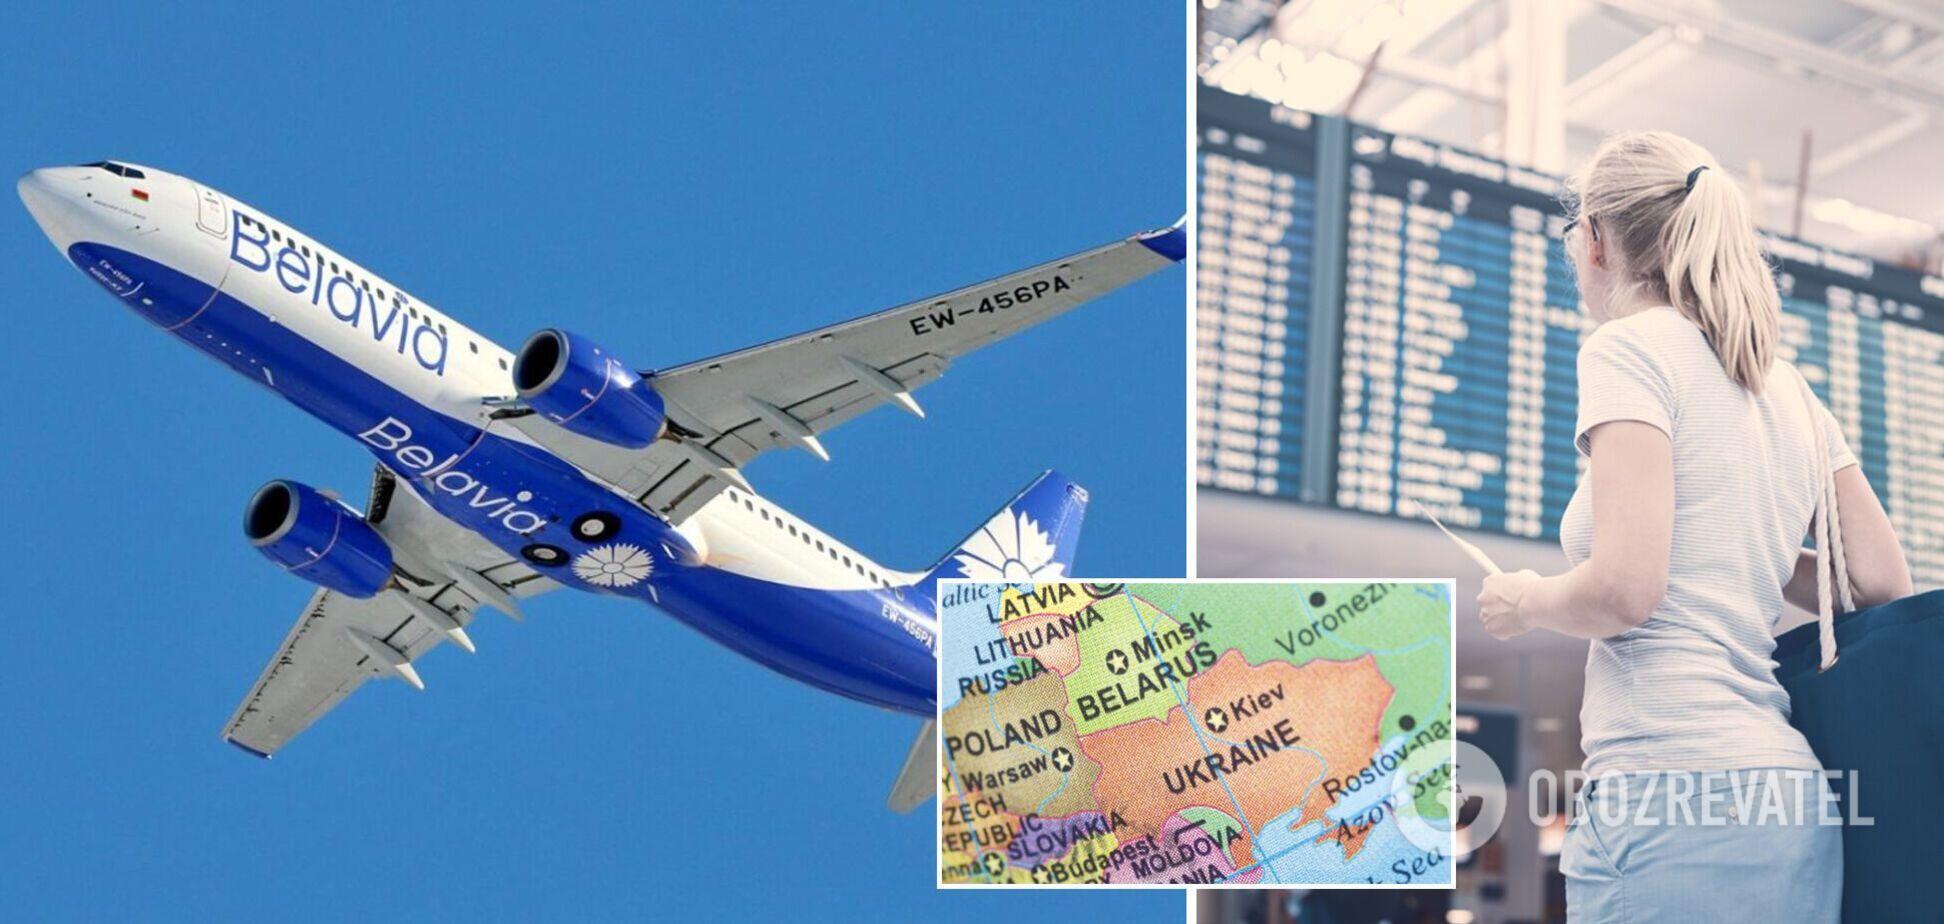 Белорусская 'Белавиа' тоже отказалась летать в Украину: отменены сотни рейсов